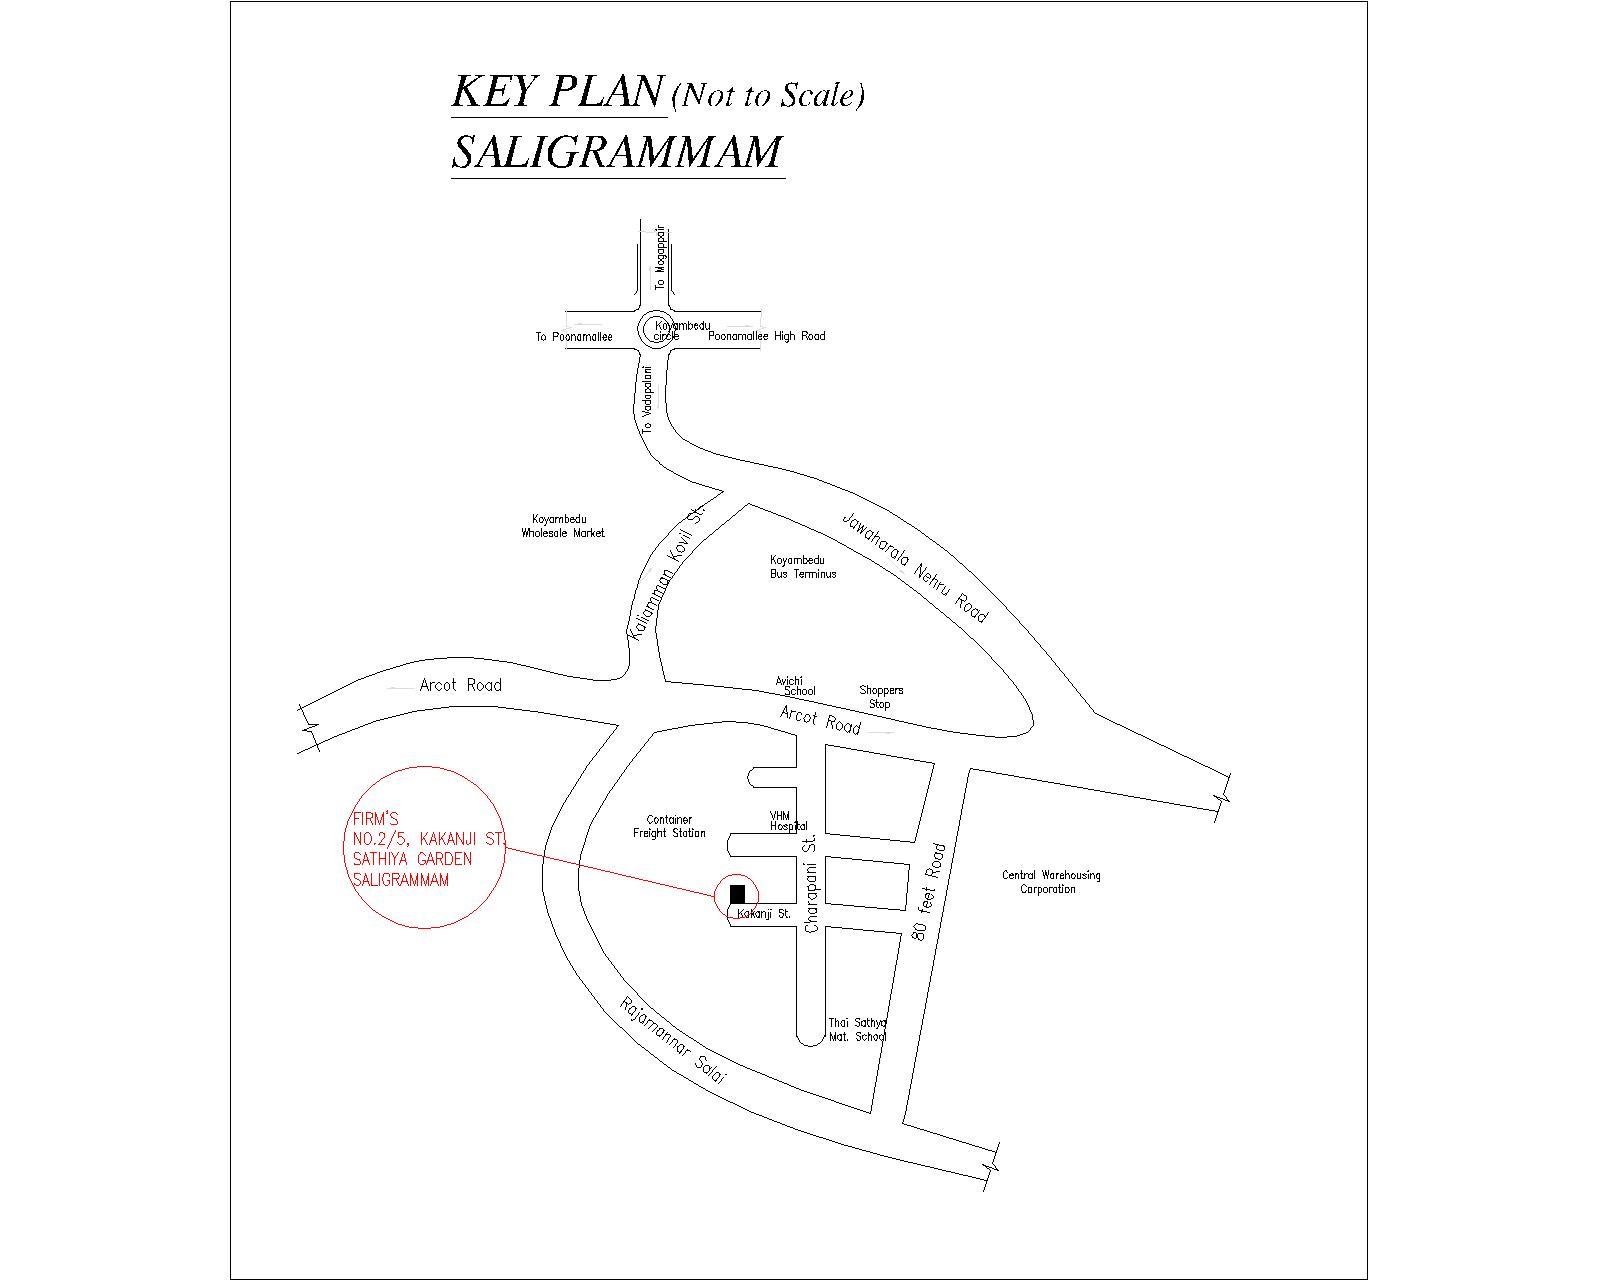 https://www.firmfoundations.in/projects/location/thumbnails/13712842051Key_Plan.jpg